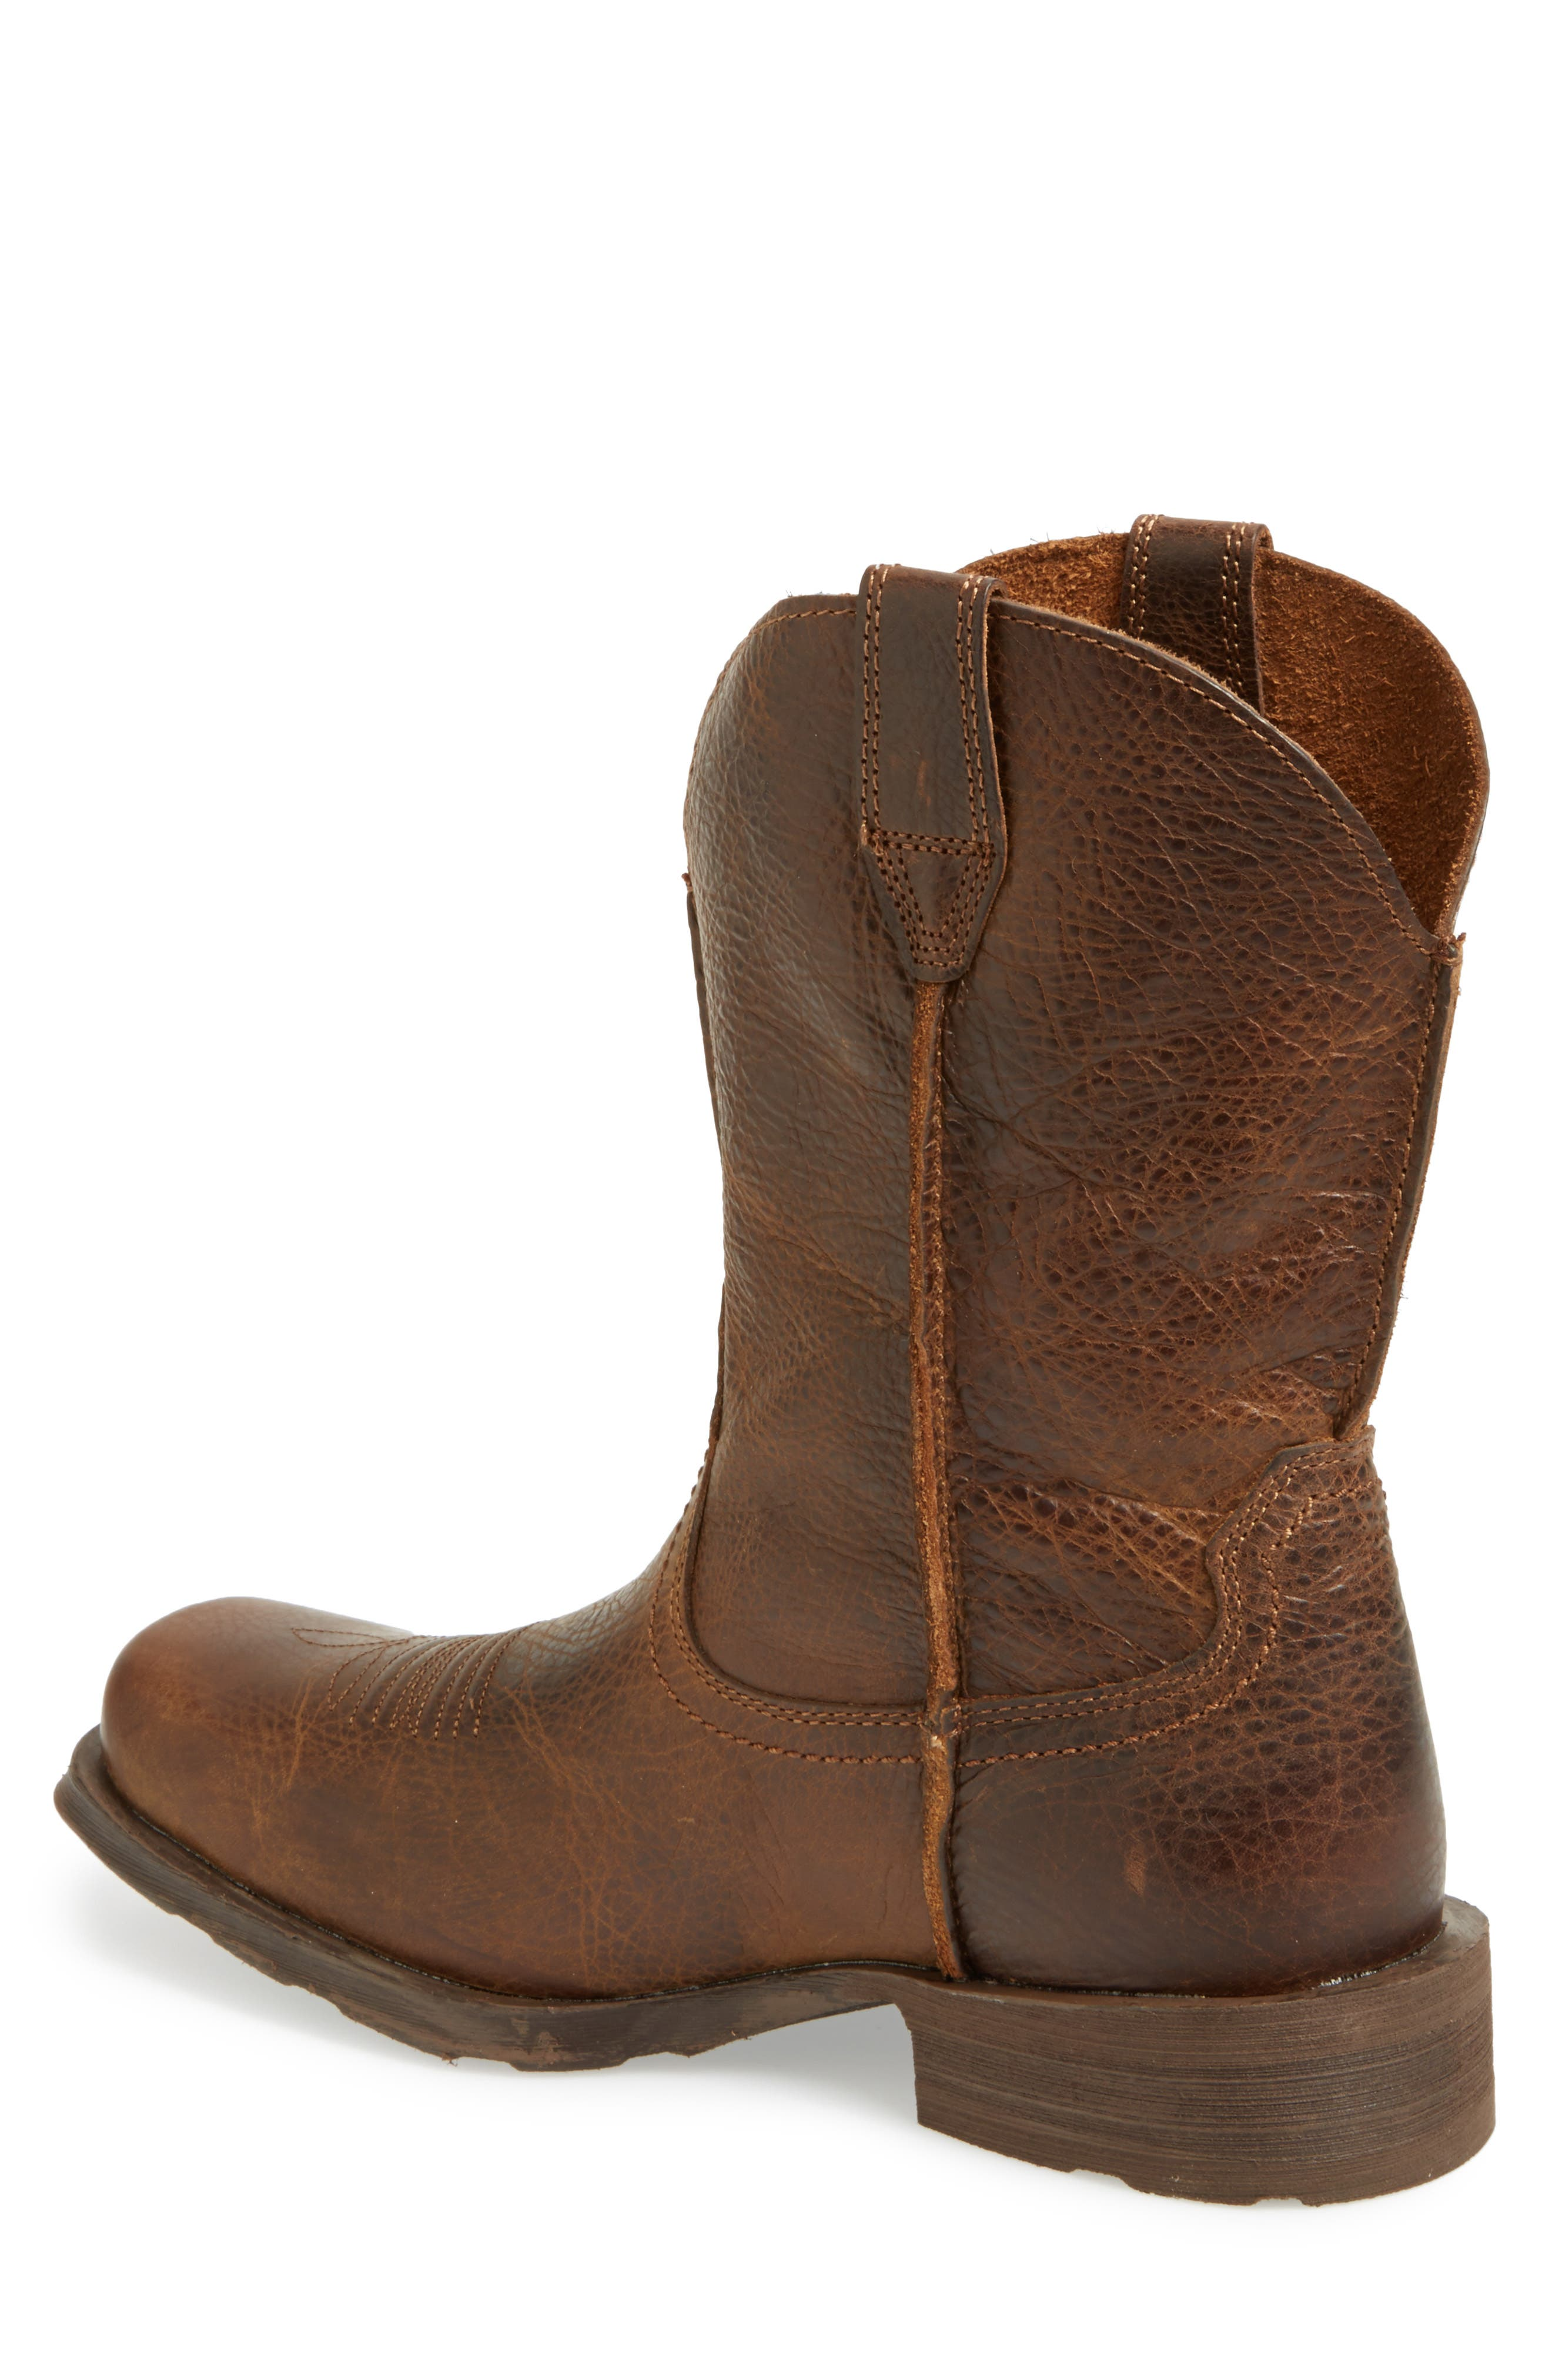 Ariat Rambler Boot W - Brown